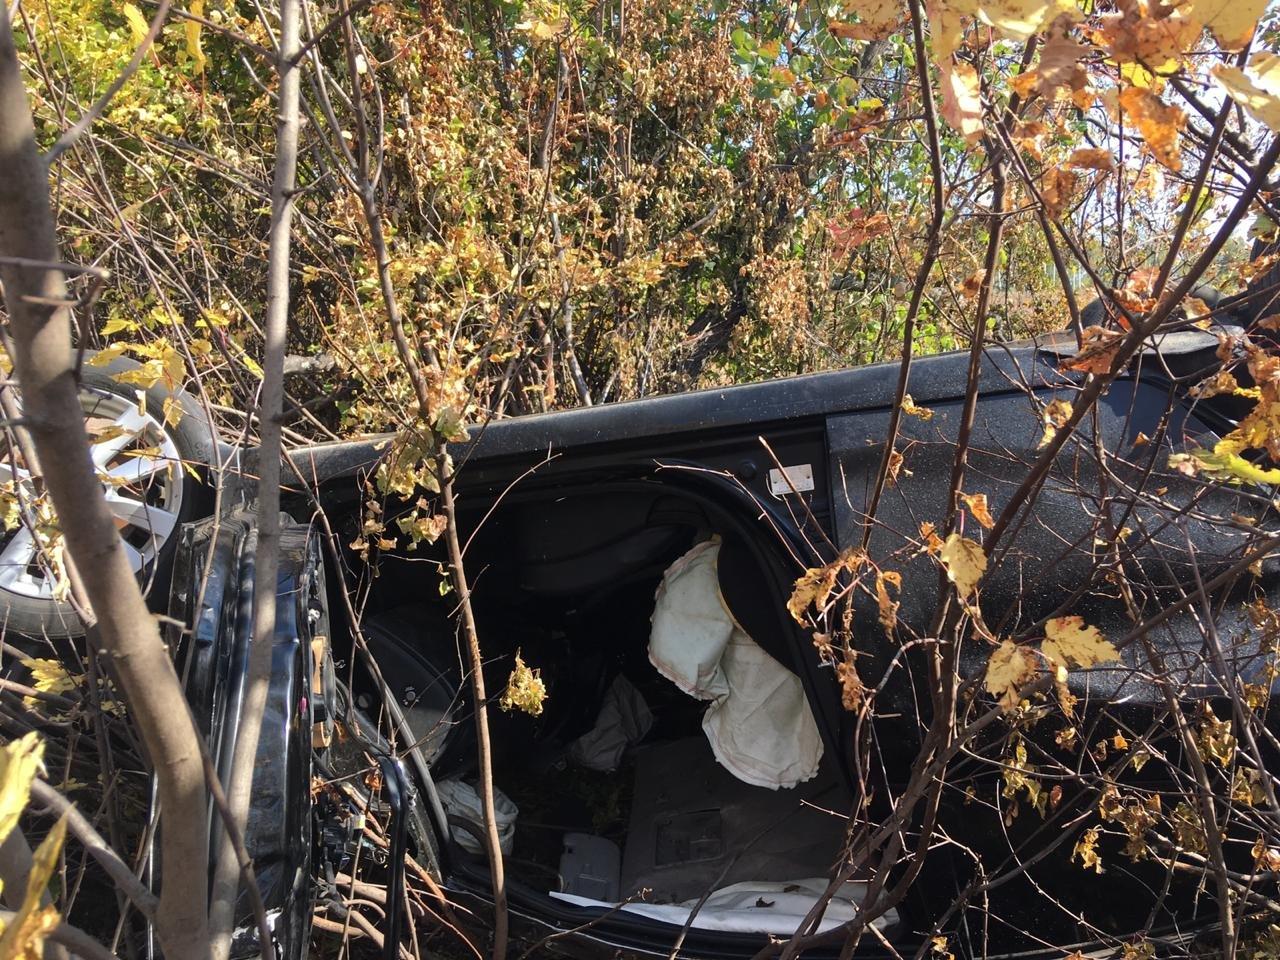 Пропавших без вести парня и девушку из Котовска обнаружили мёртвыми спустя две недели, фото-2